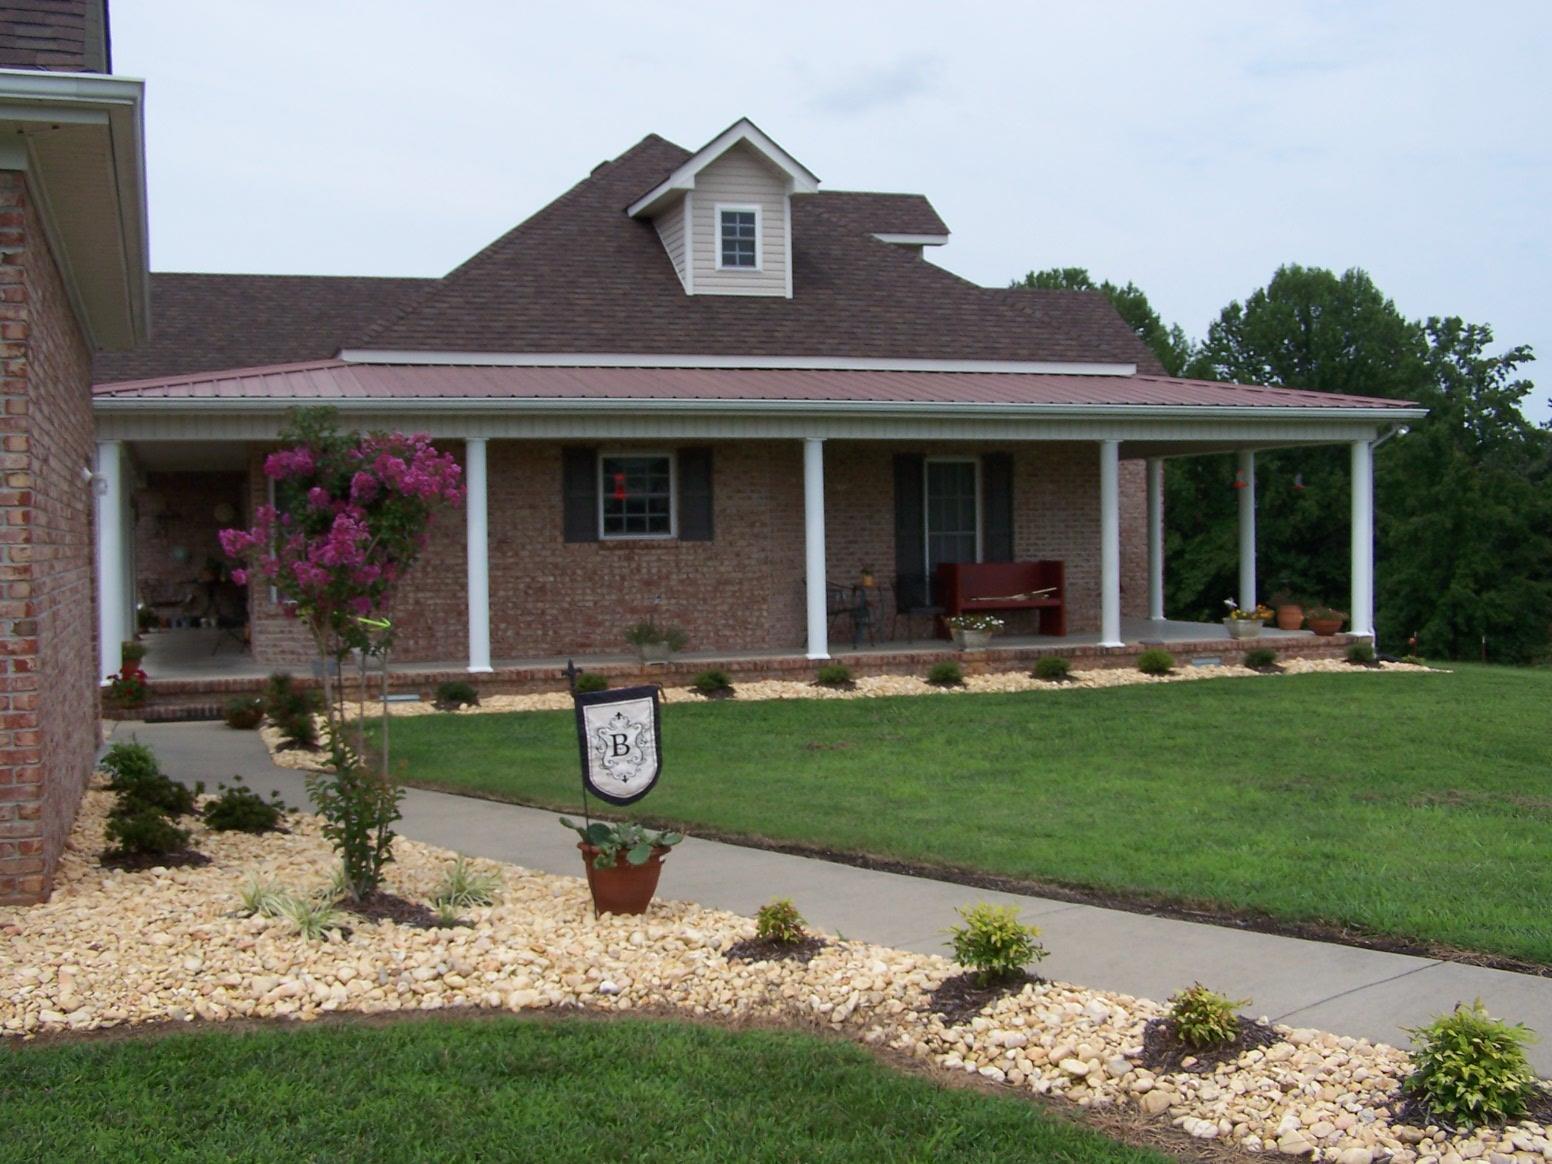 3268 Clear Creek Rd, Pulaski, TN 38478